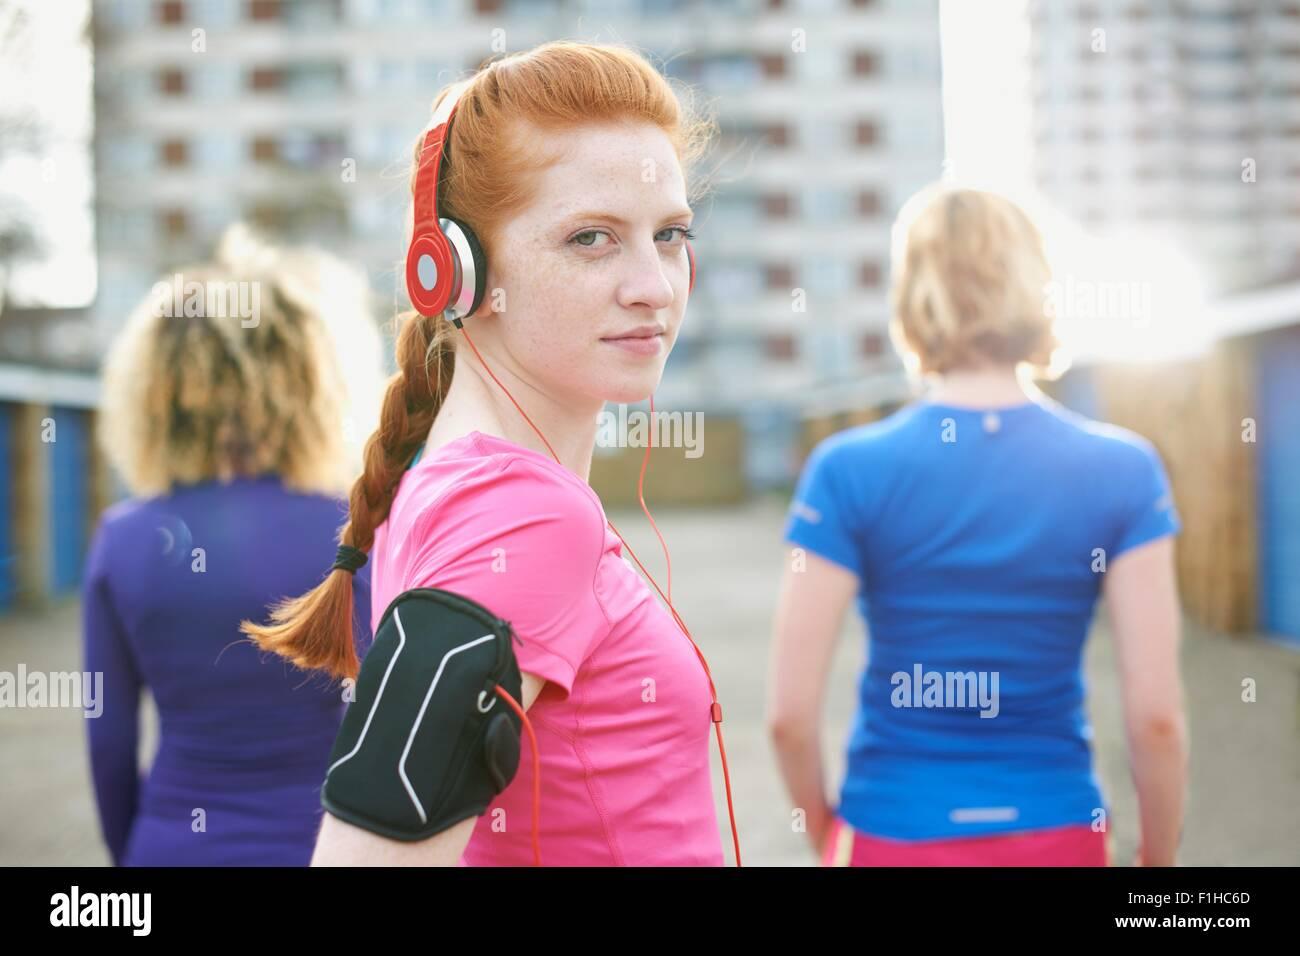 Retrato de mujer vistiendo auriculares y muñequera antes del ejercicio mirando por encima del hombro a la cámara Imagen De Stock